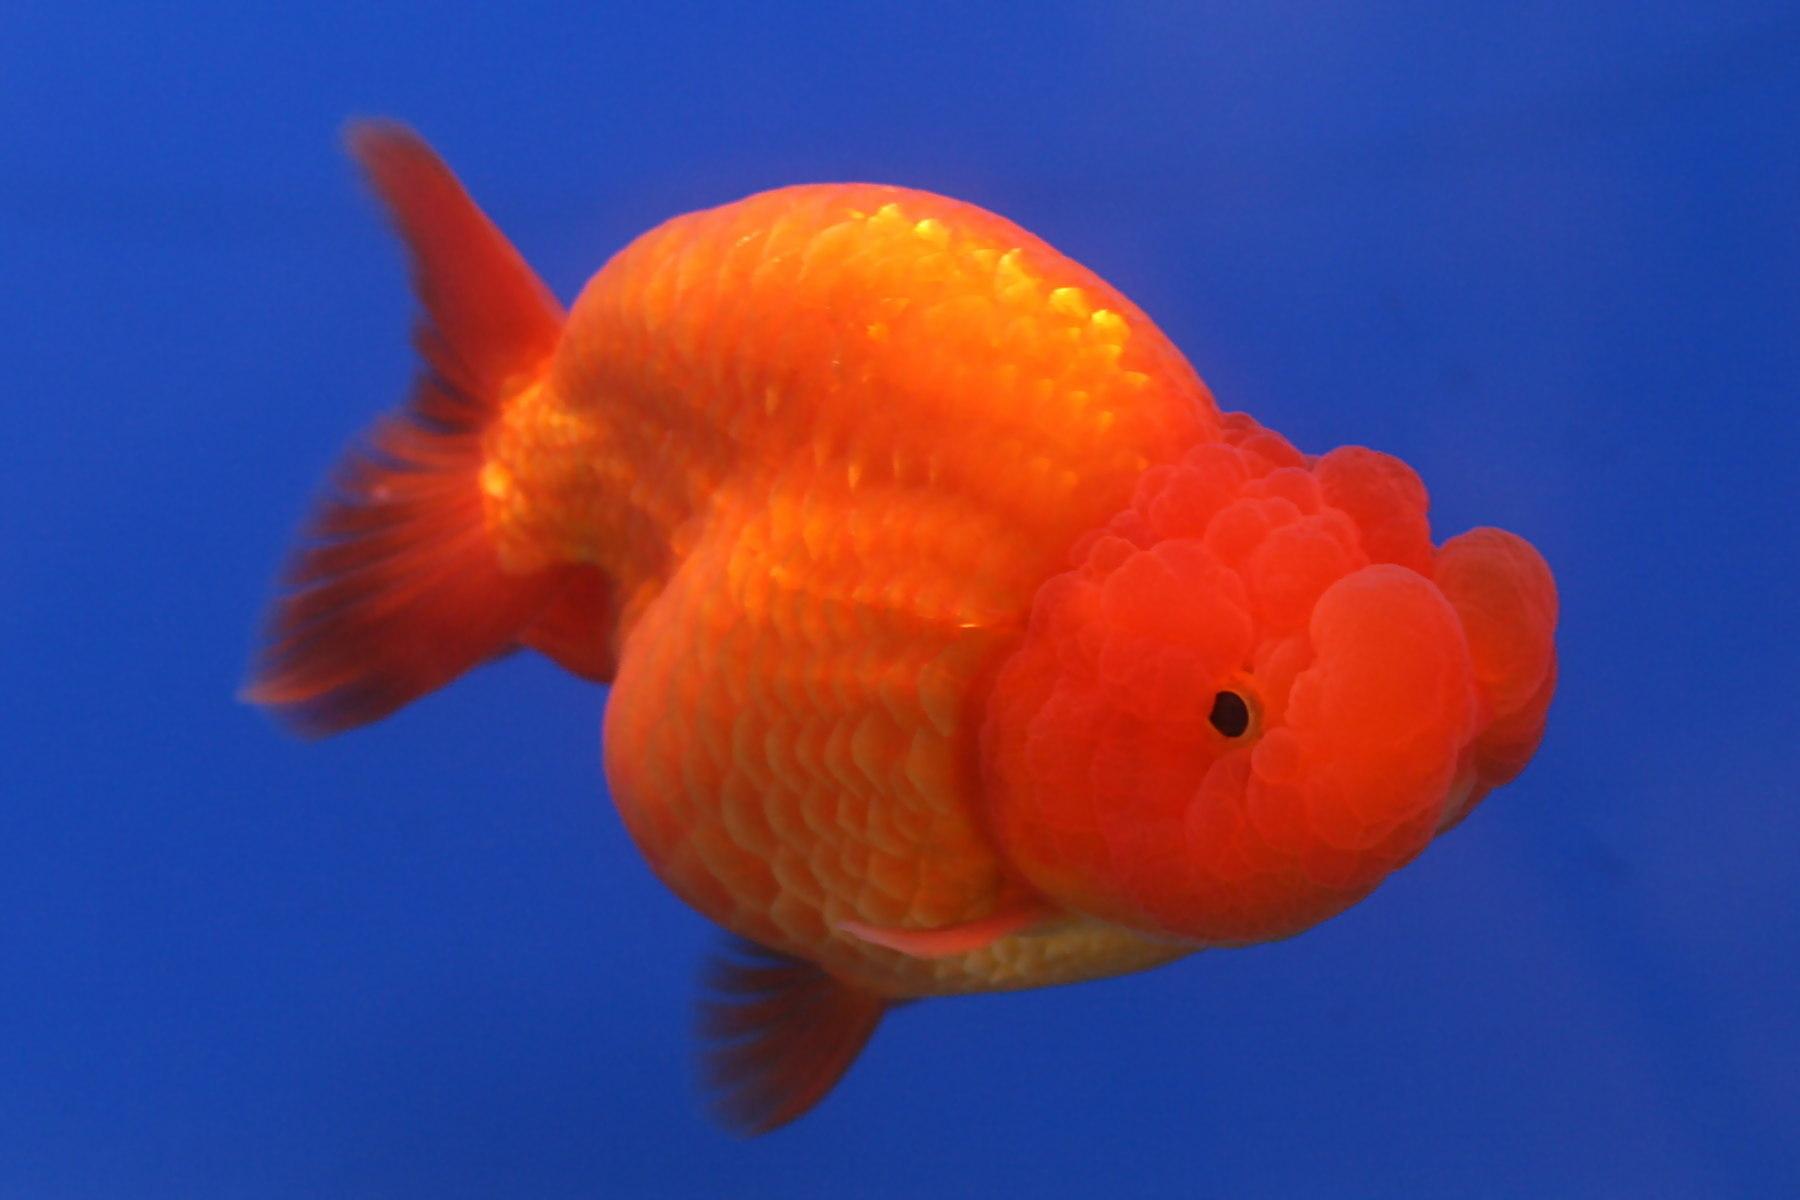 Image of Goldfish